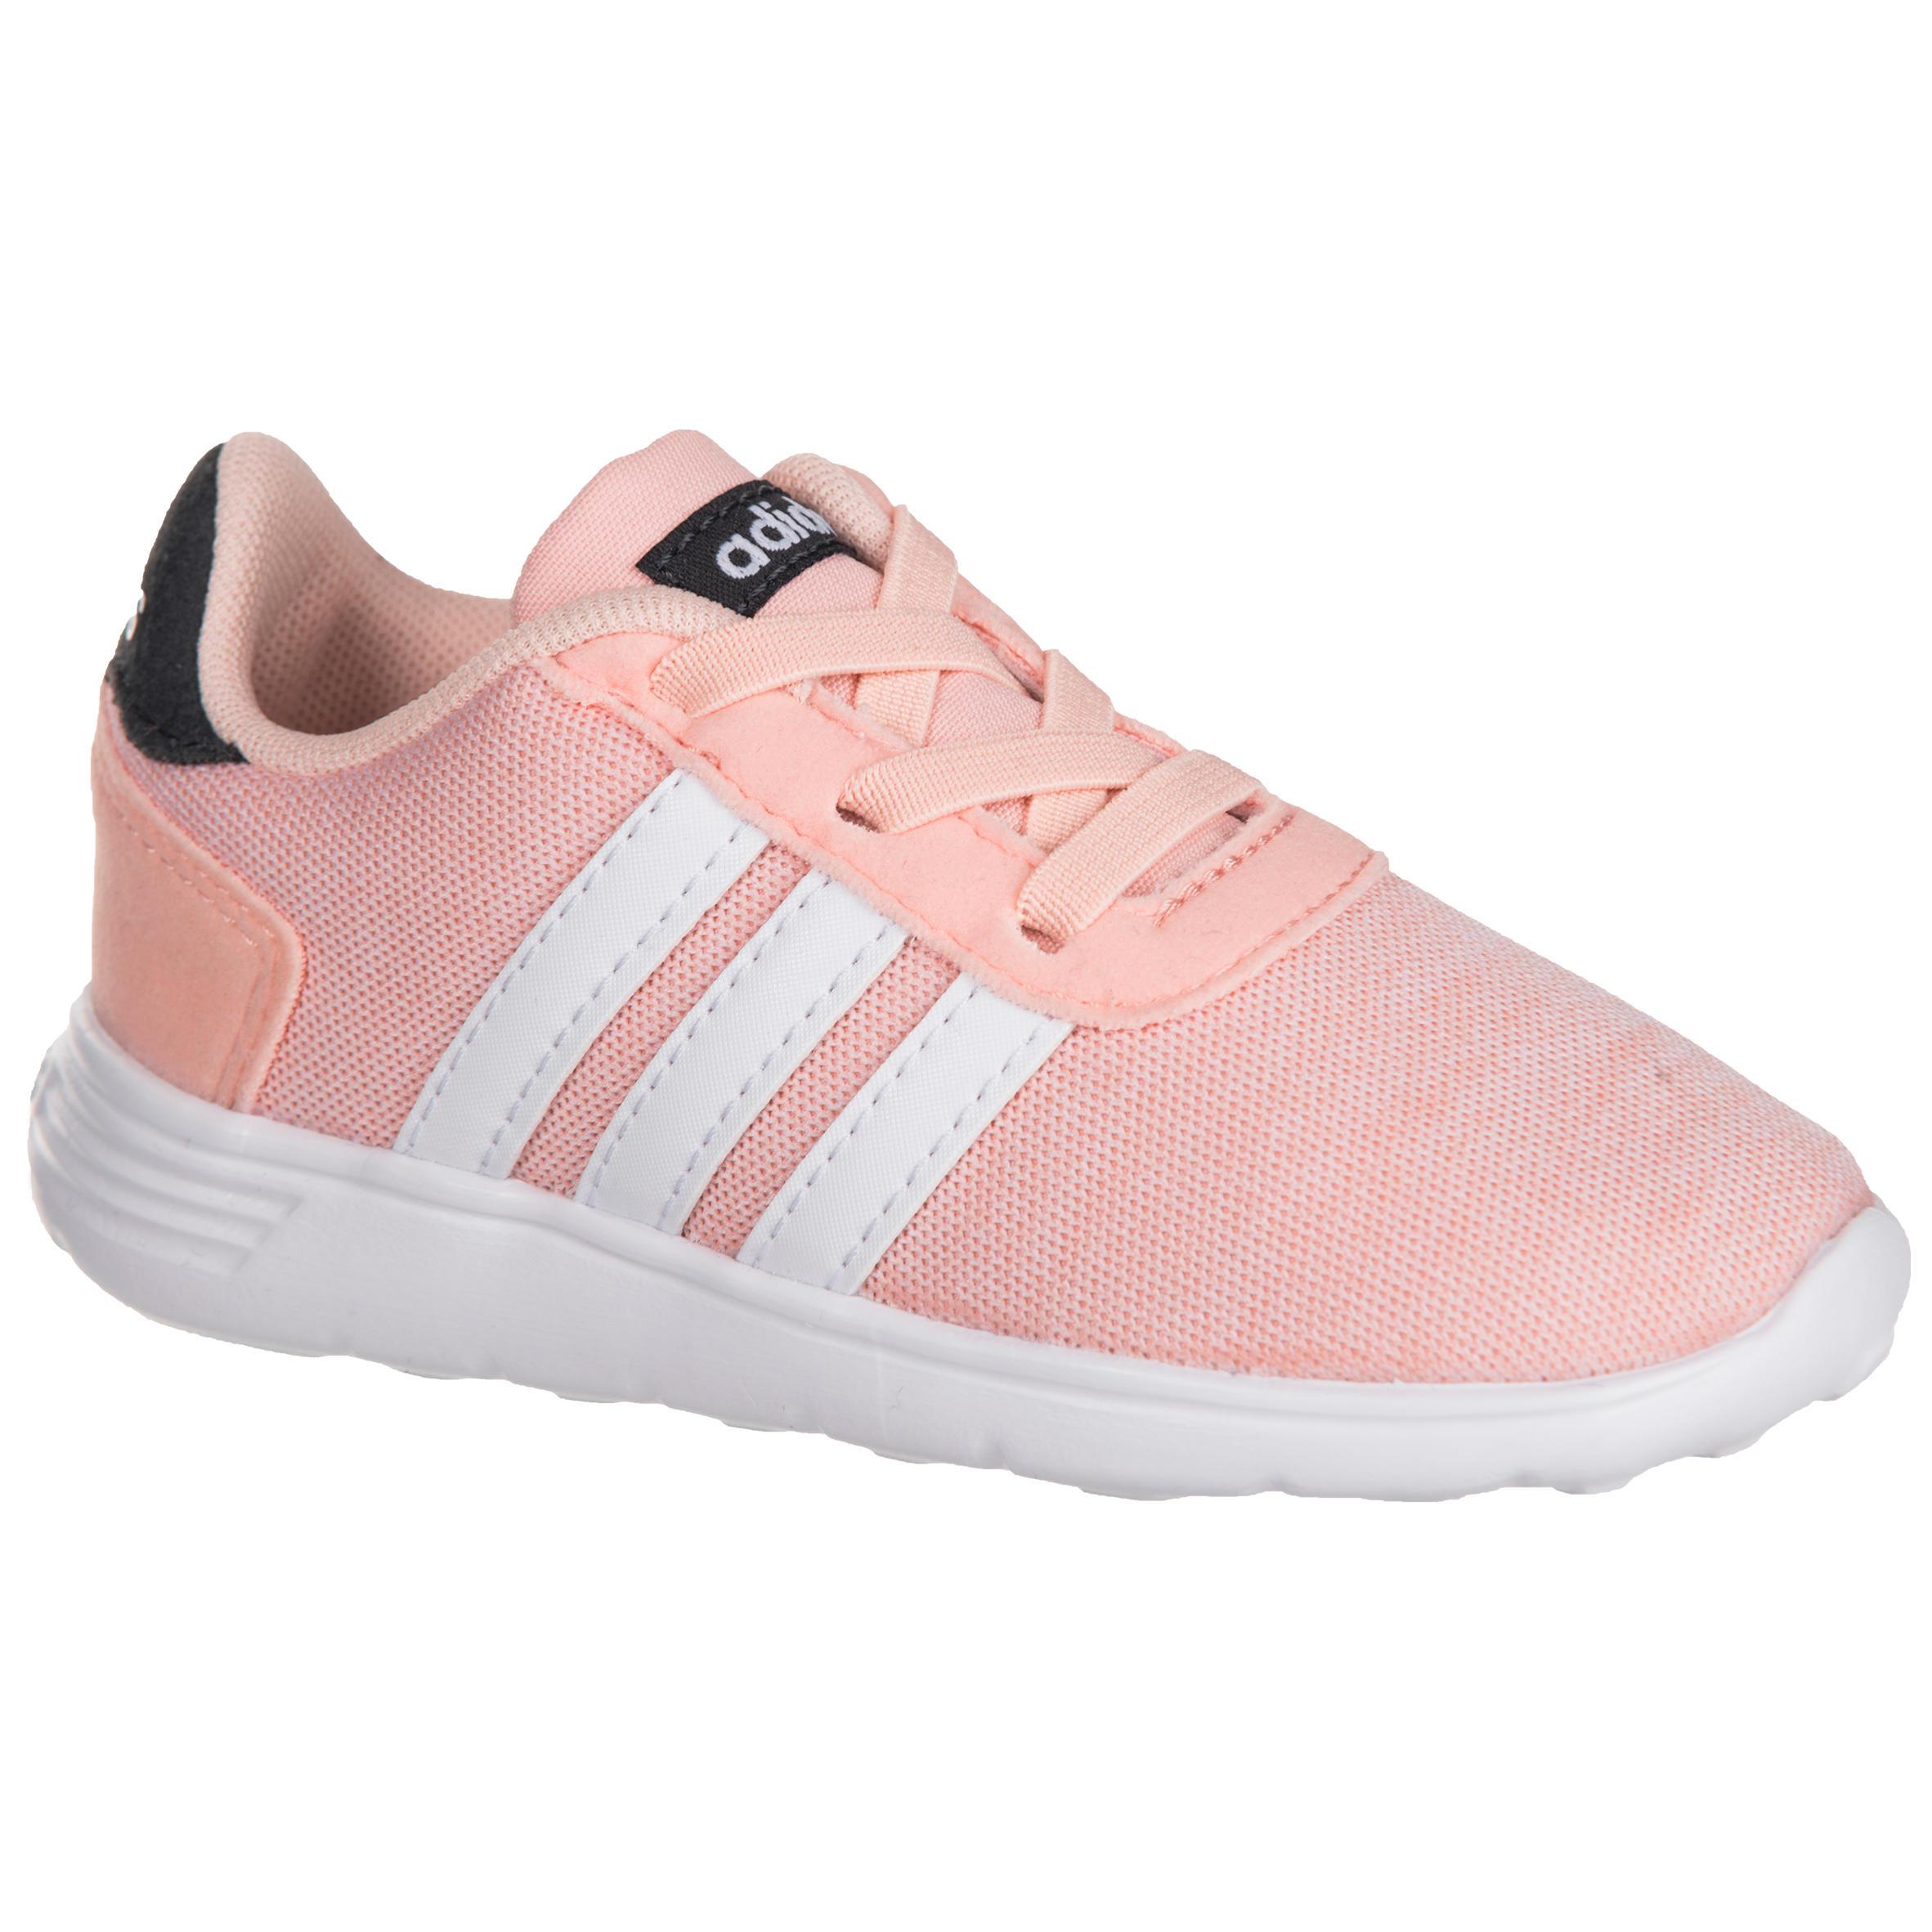 a3a46bce0 Adidas